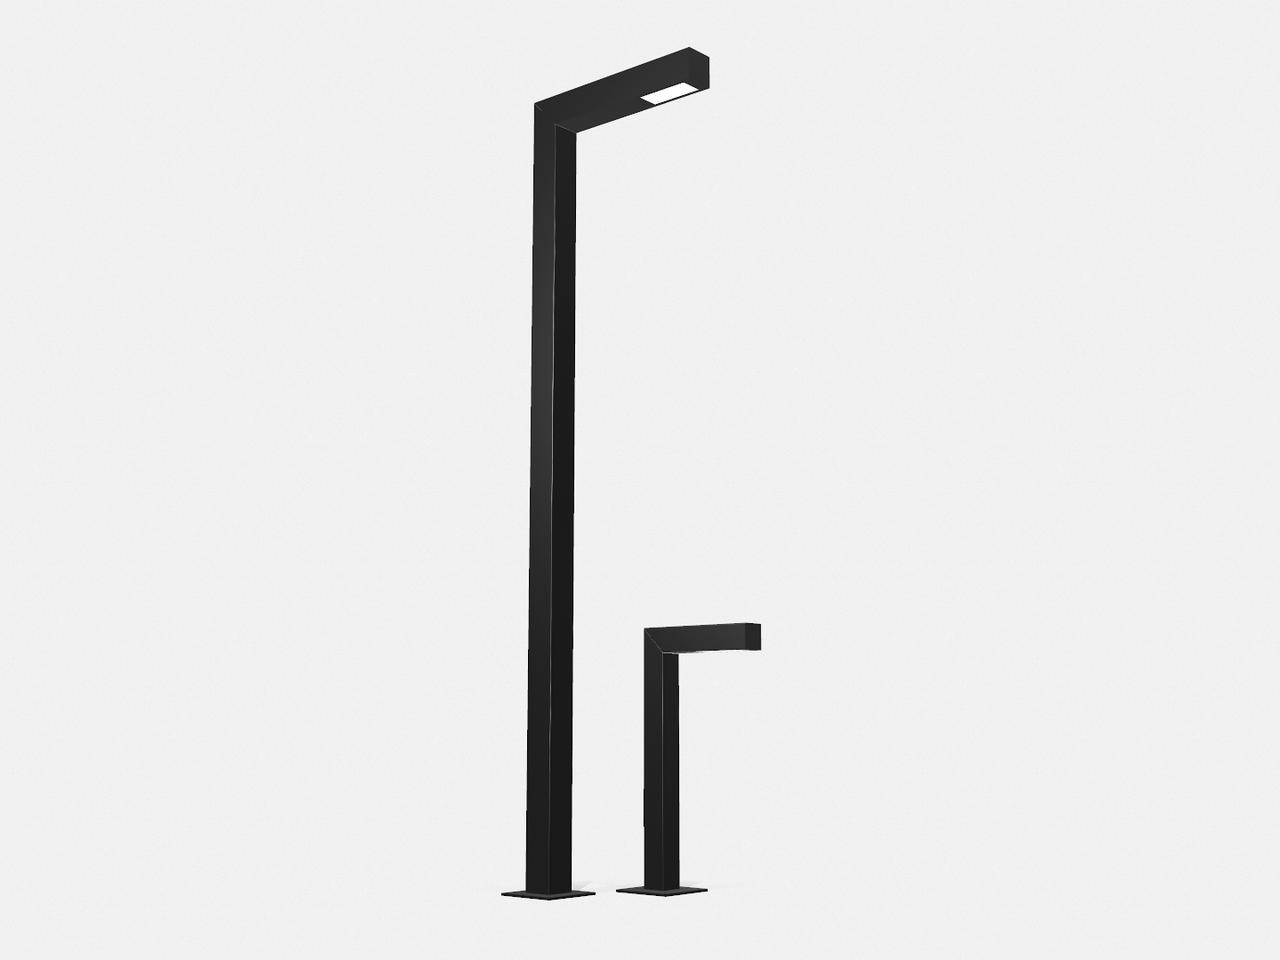 Ліхтар вуличного освітлення (металоконструкція)